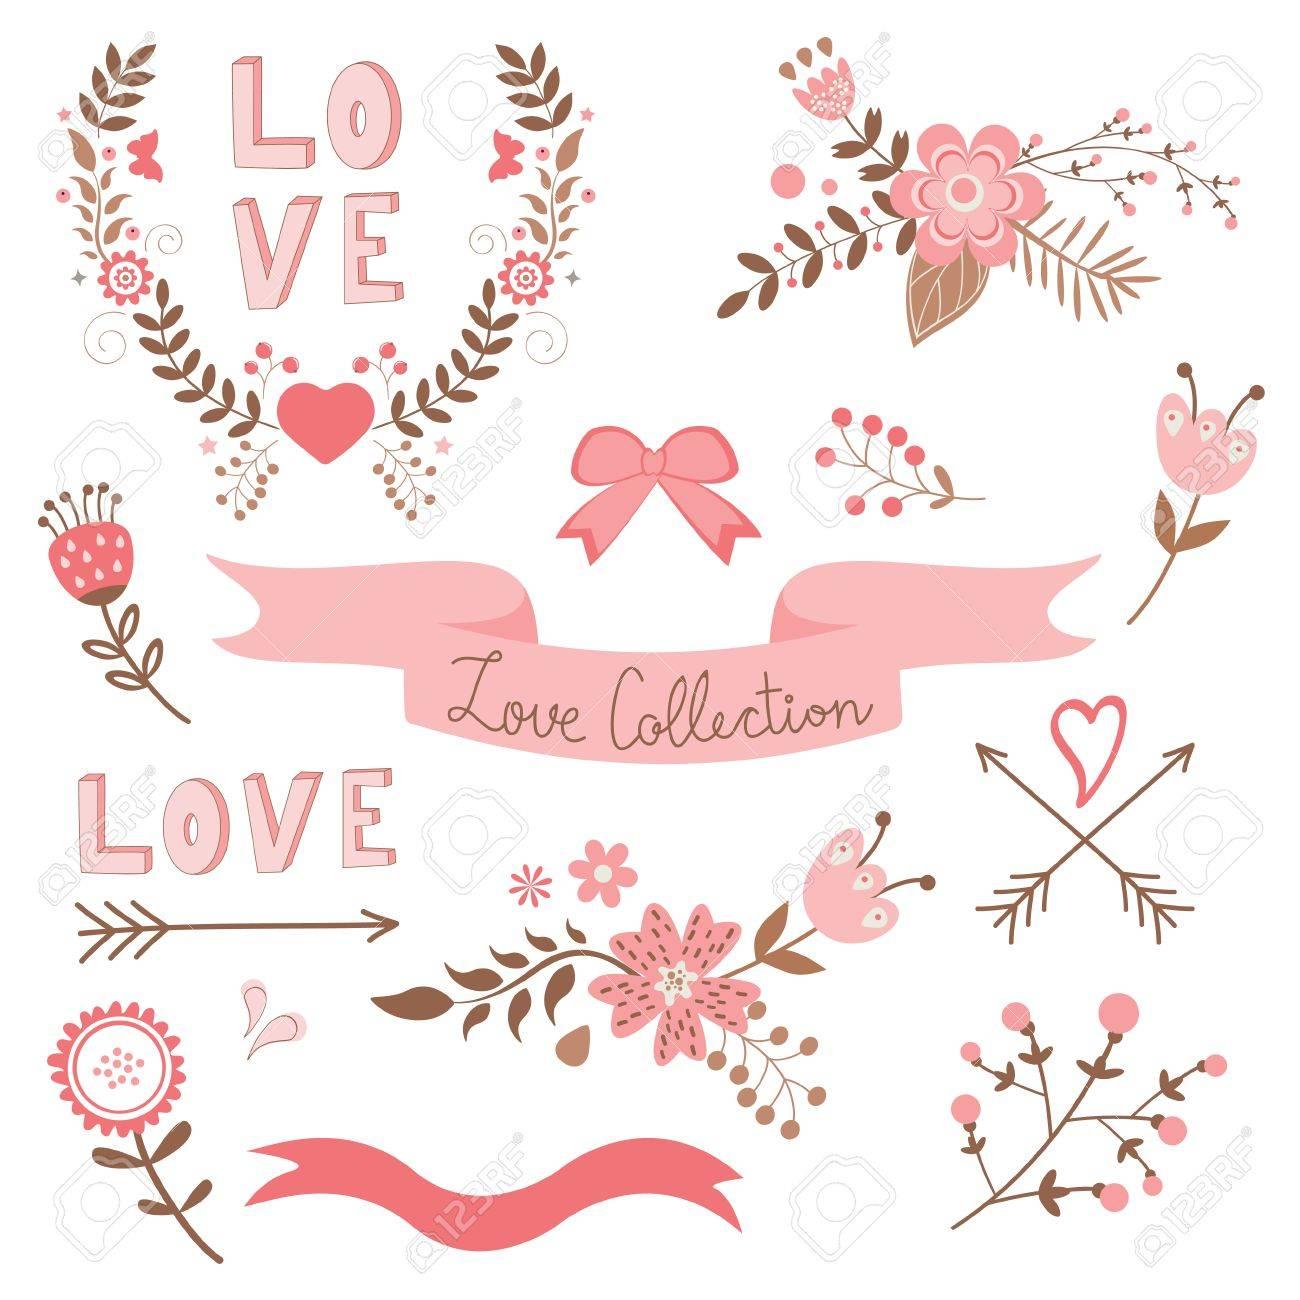 Elegante Coleccion De Amor Cintas Flores Corazones Flechas